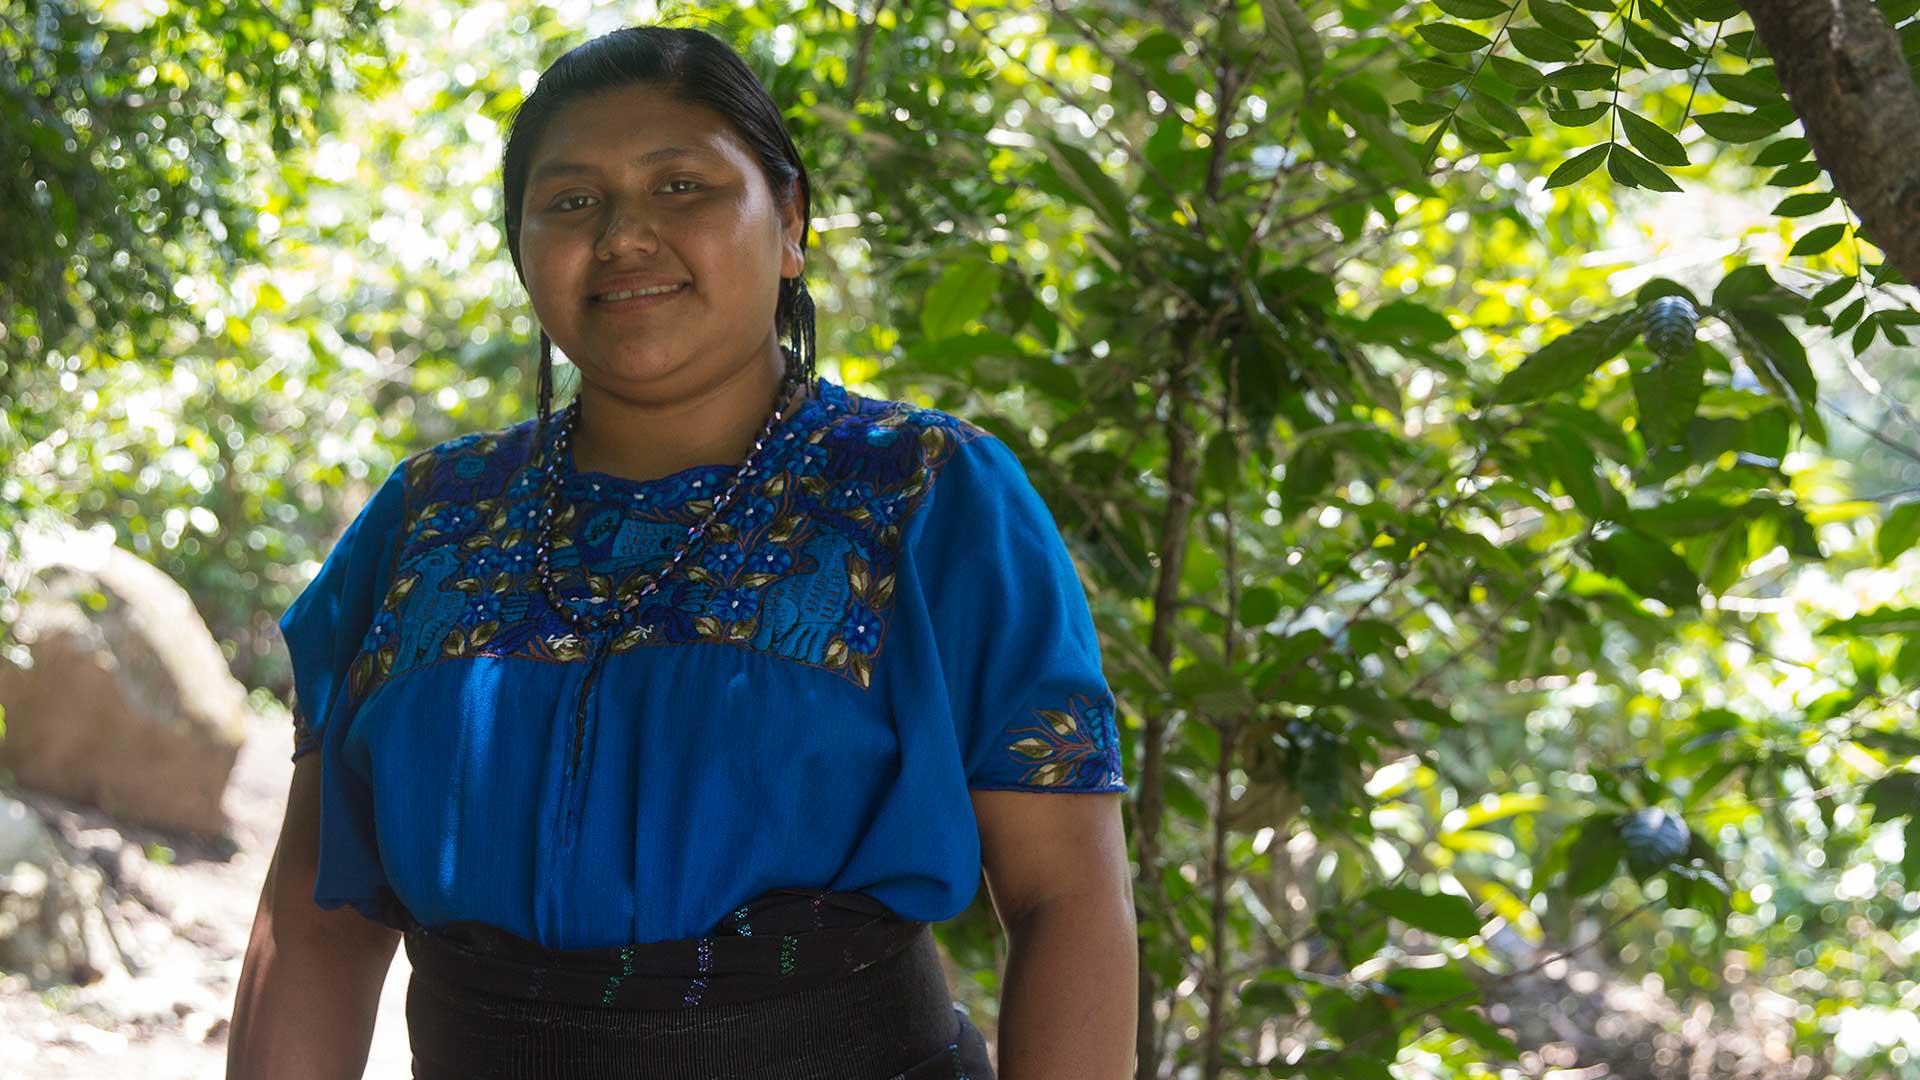 Santos, ledare för Producciones Tzununa i Guatemala